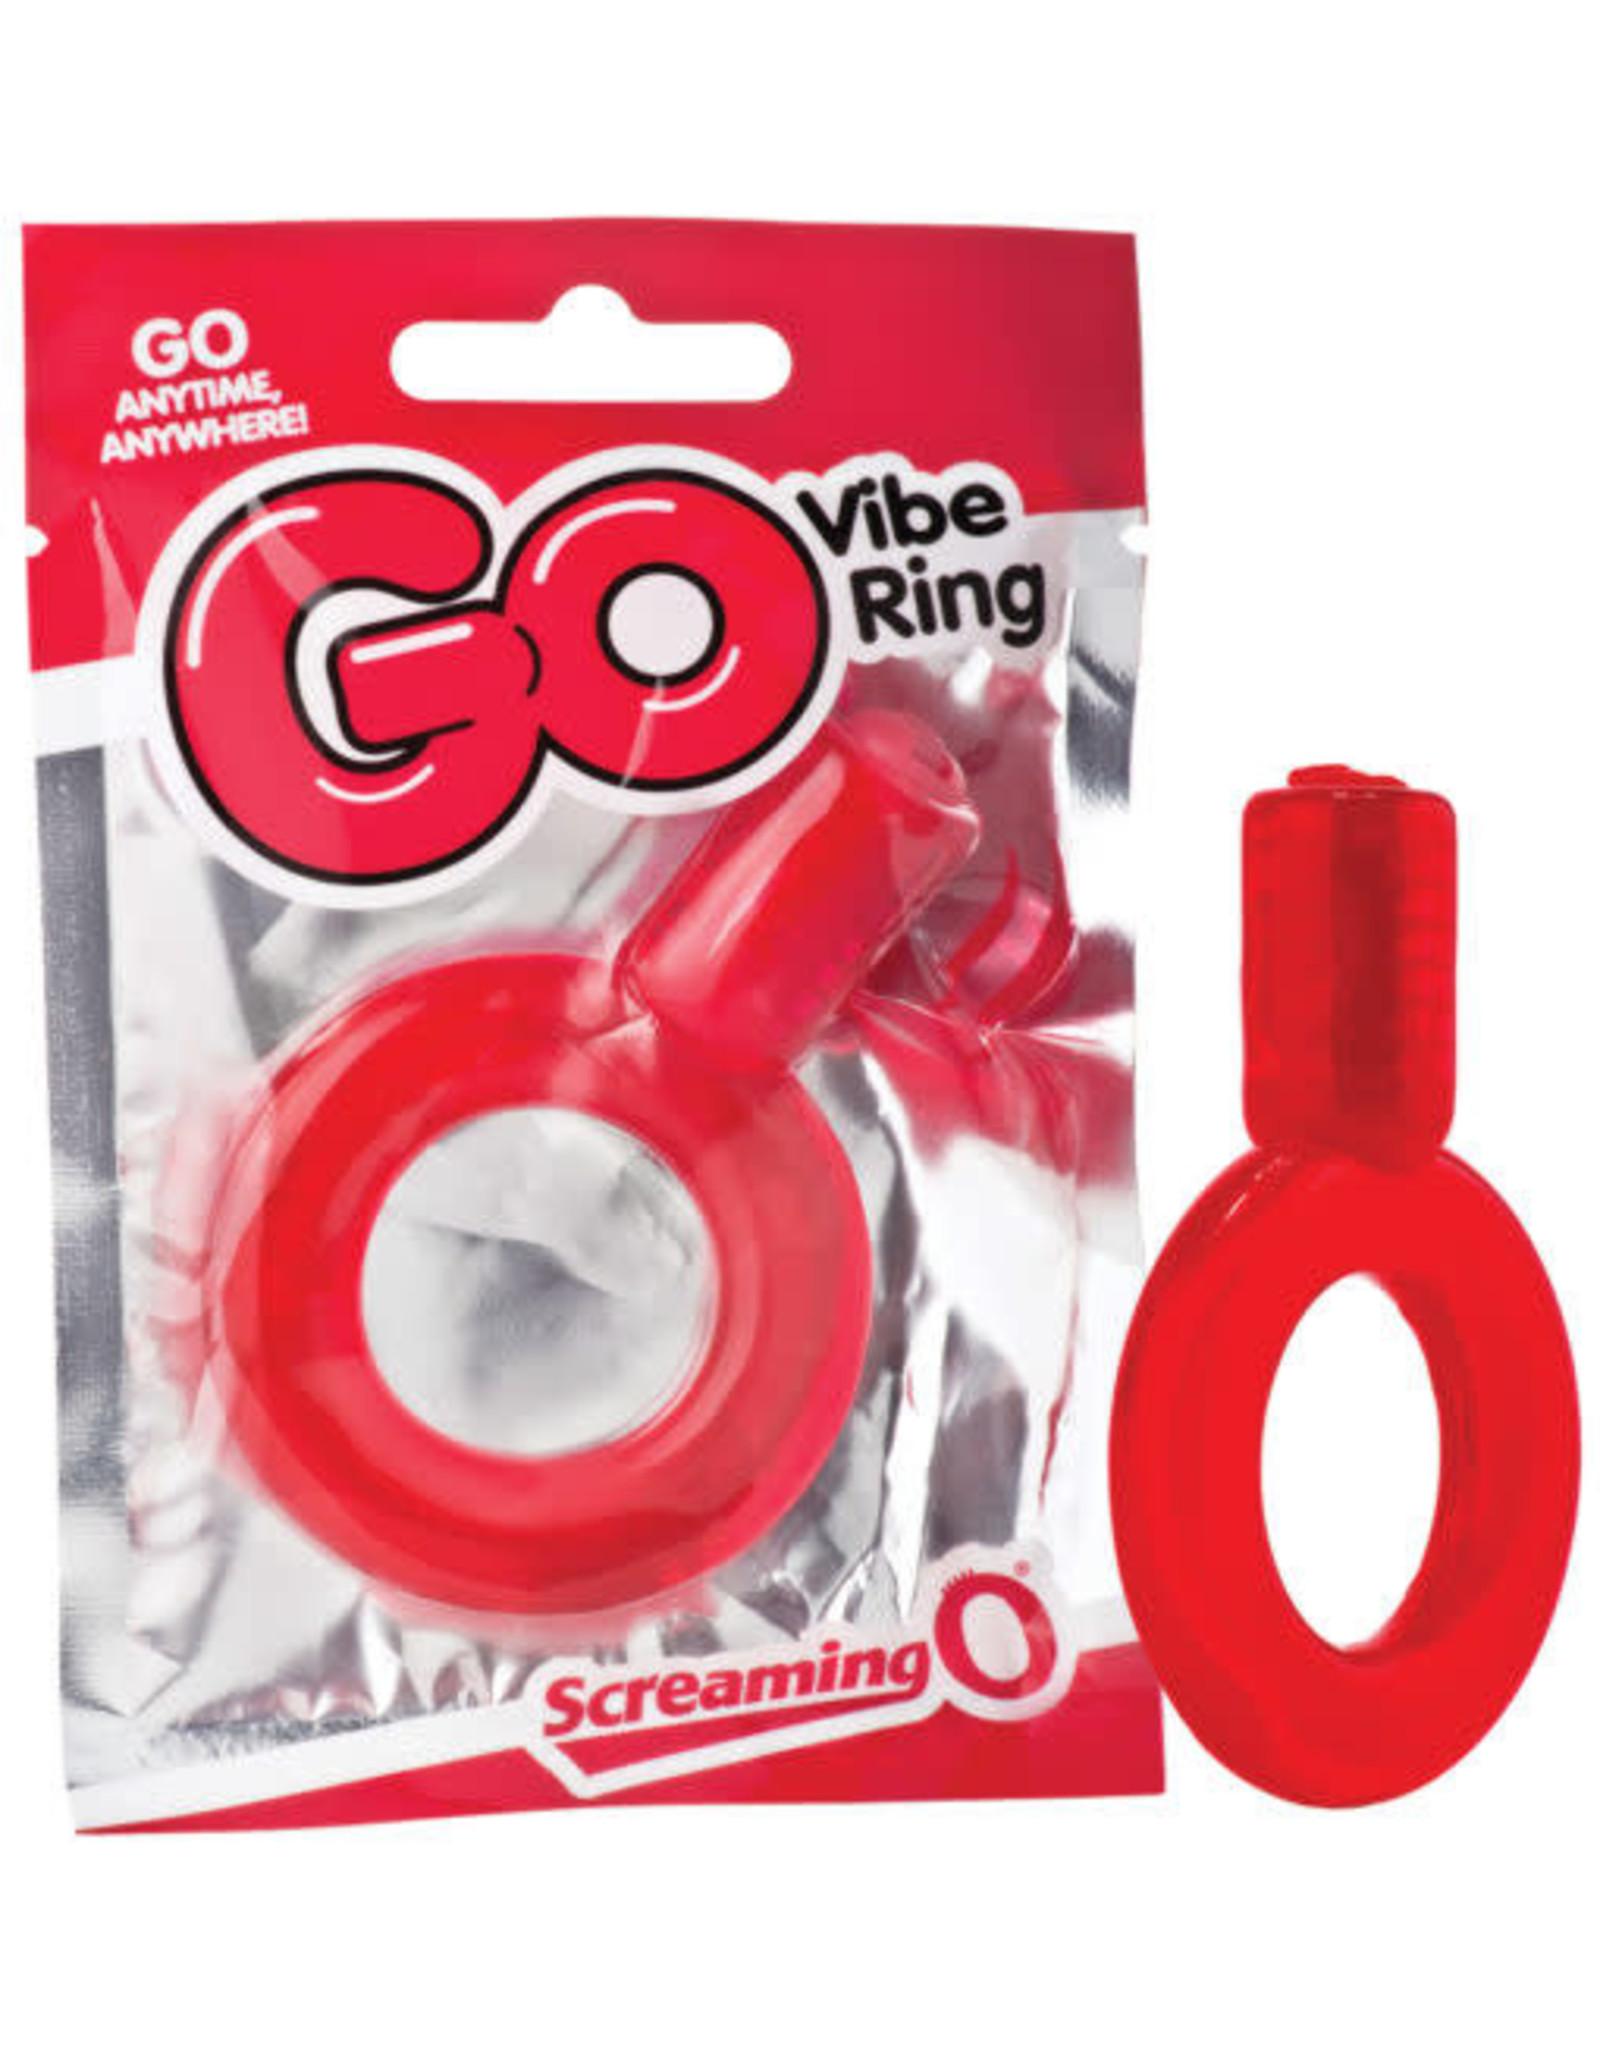 SCREAMING O SCREAMING O - GO VIBE RING - RED